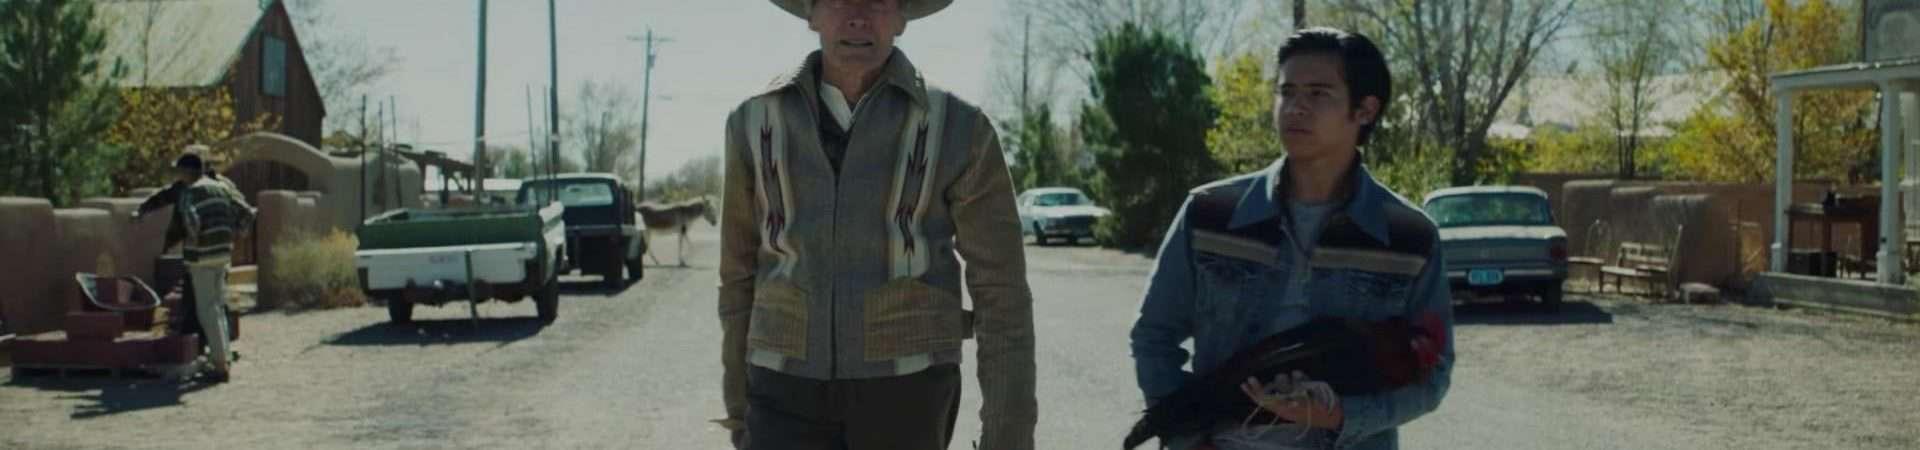 Foto mostra Eastwood e Eduardo Minett caminhando no meio de uma rua em área urbana. O garoto carrega nos braços um galo.